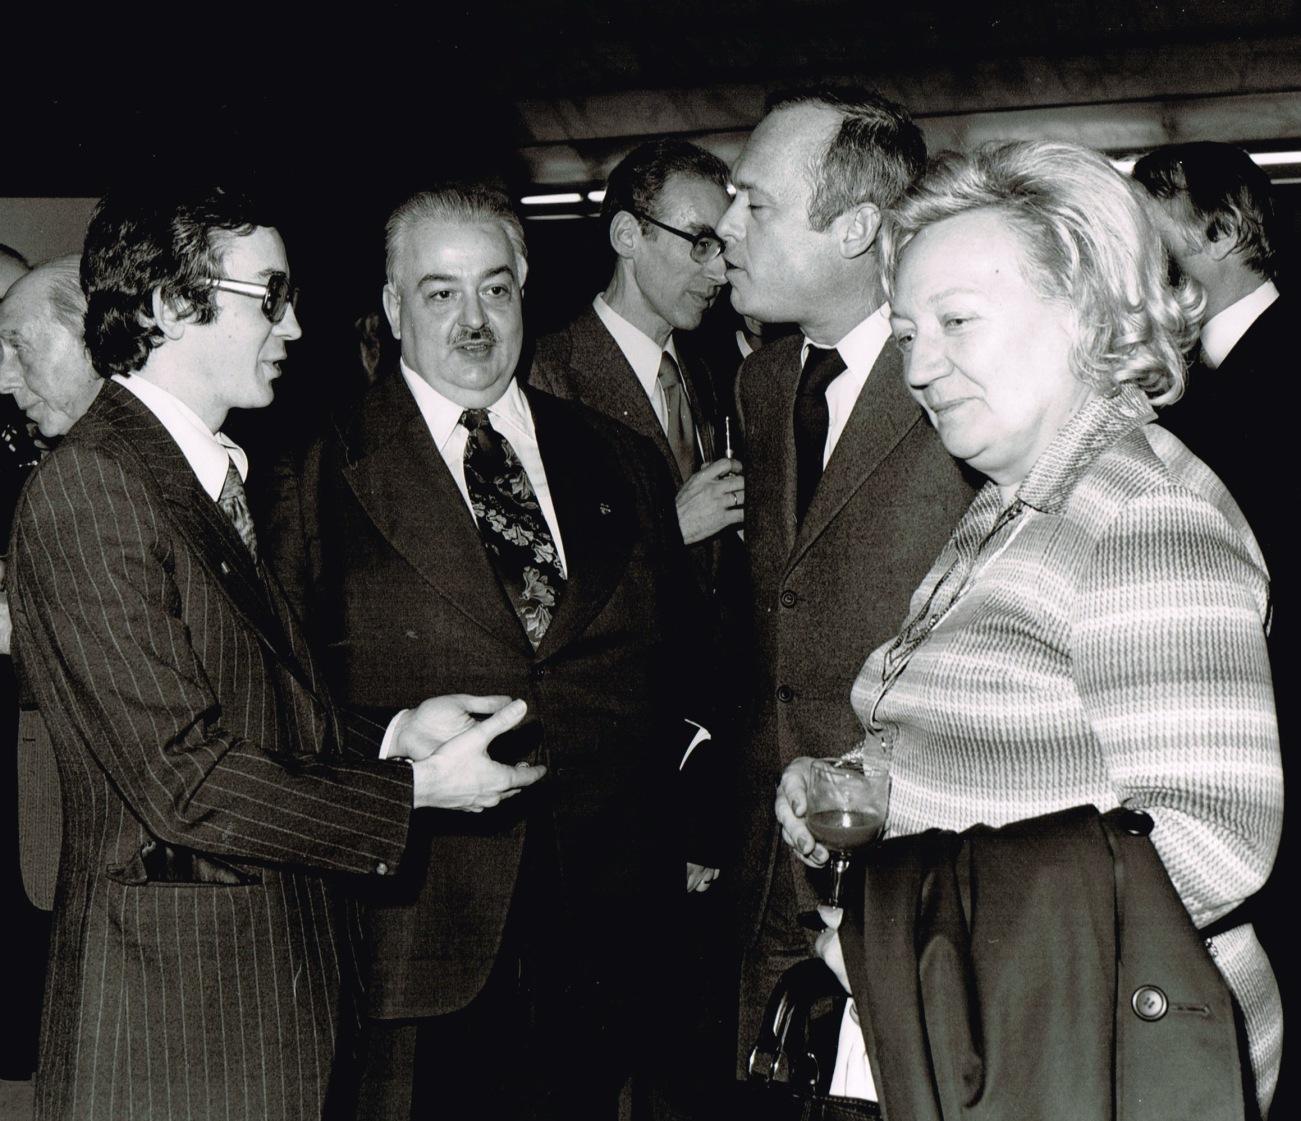 Avec les ministres de la culture flamand et wallon, FILM 1976